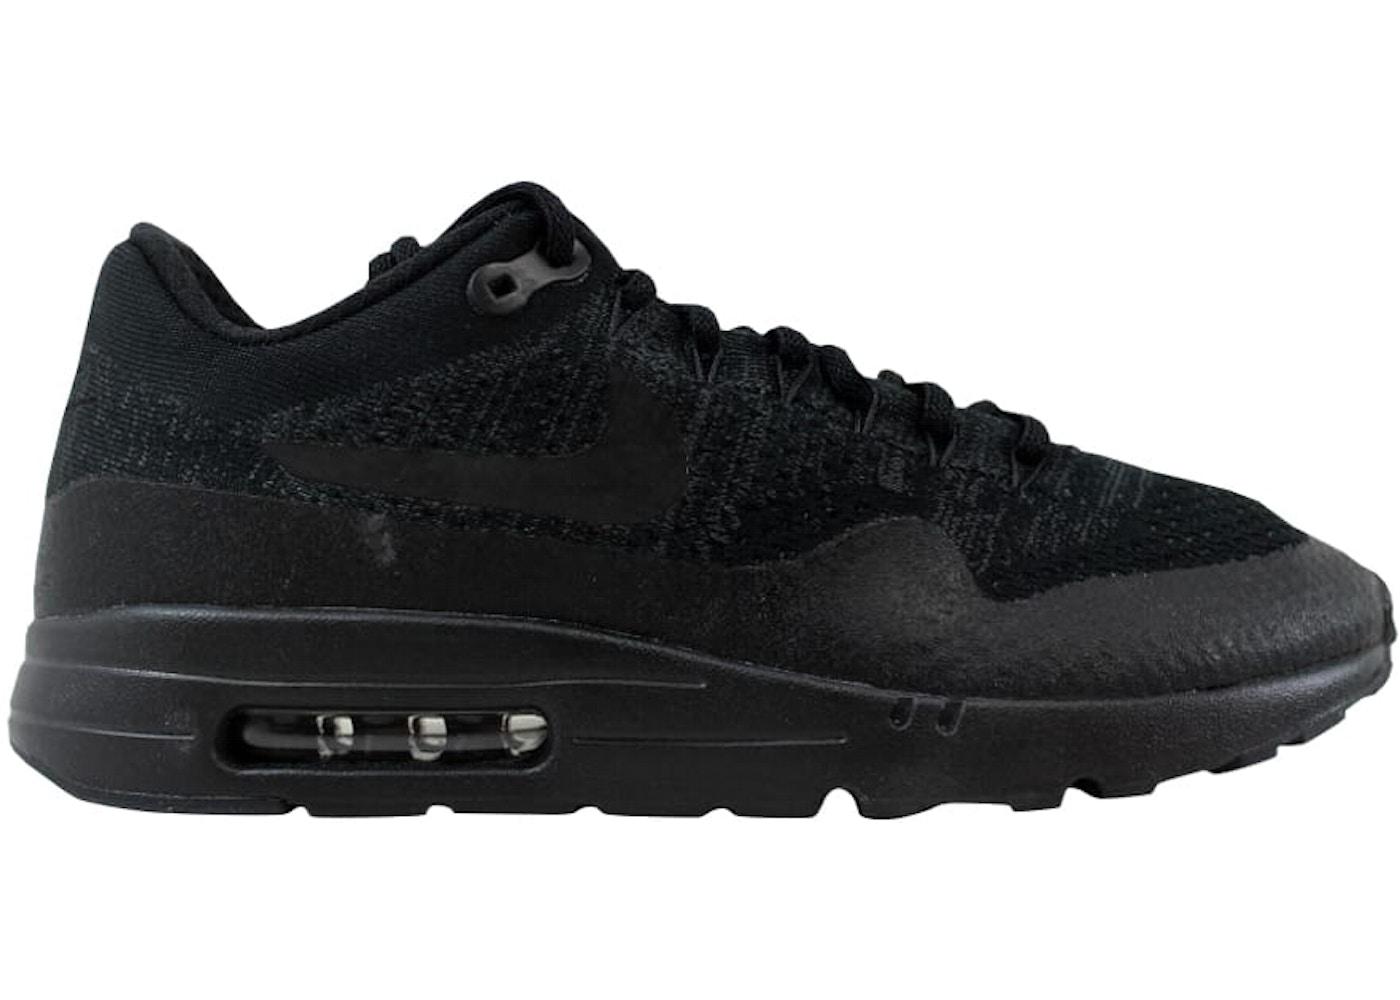 new product b73fb 53651 Nike Air Max 1 Ultra Flyknit Black/Black